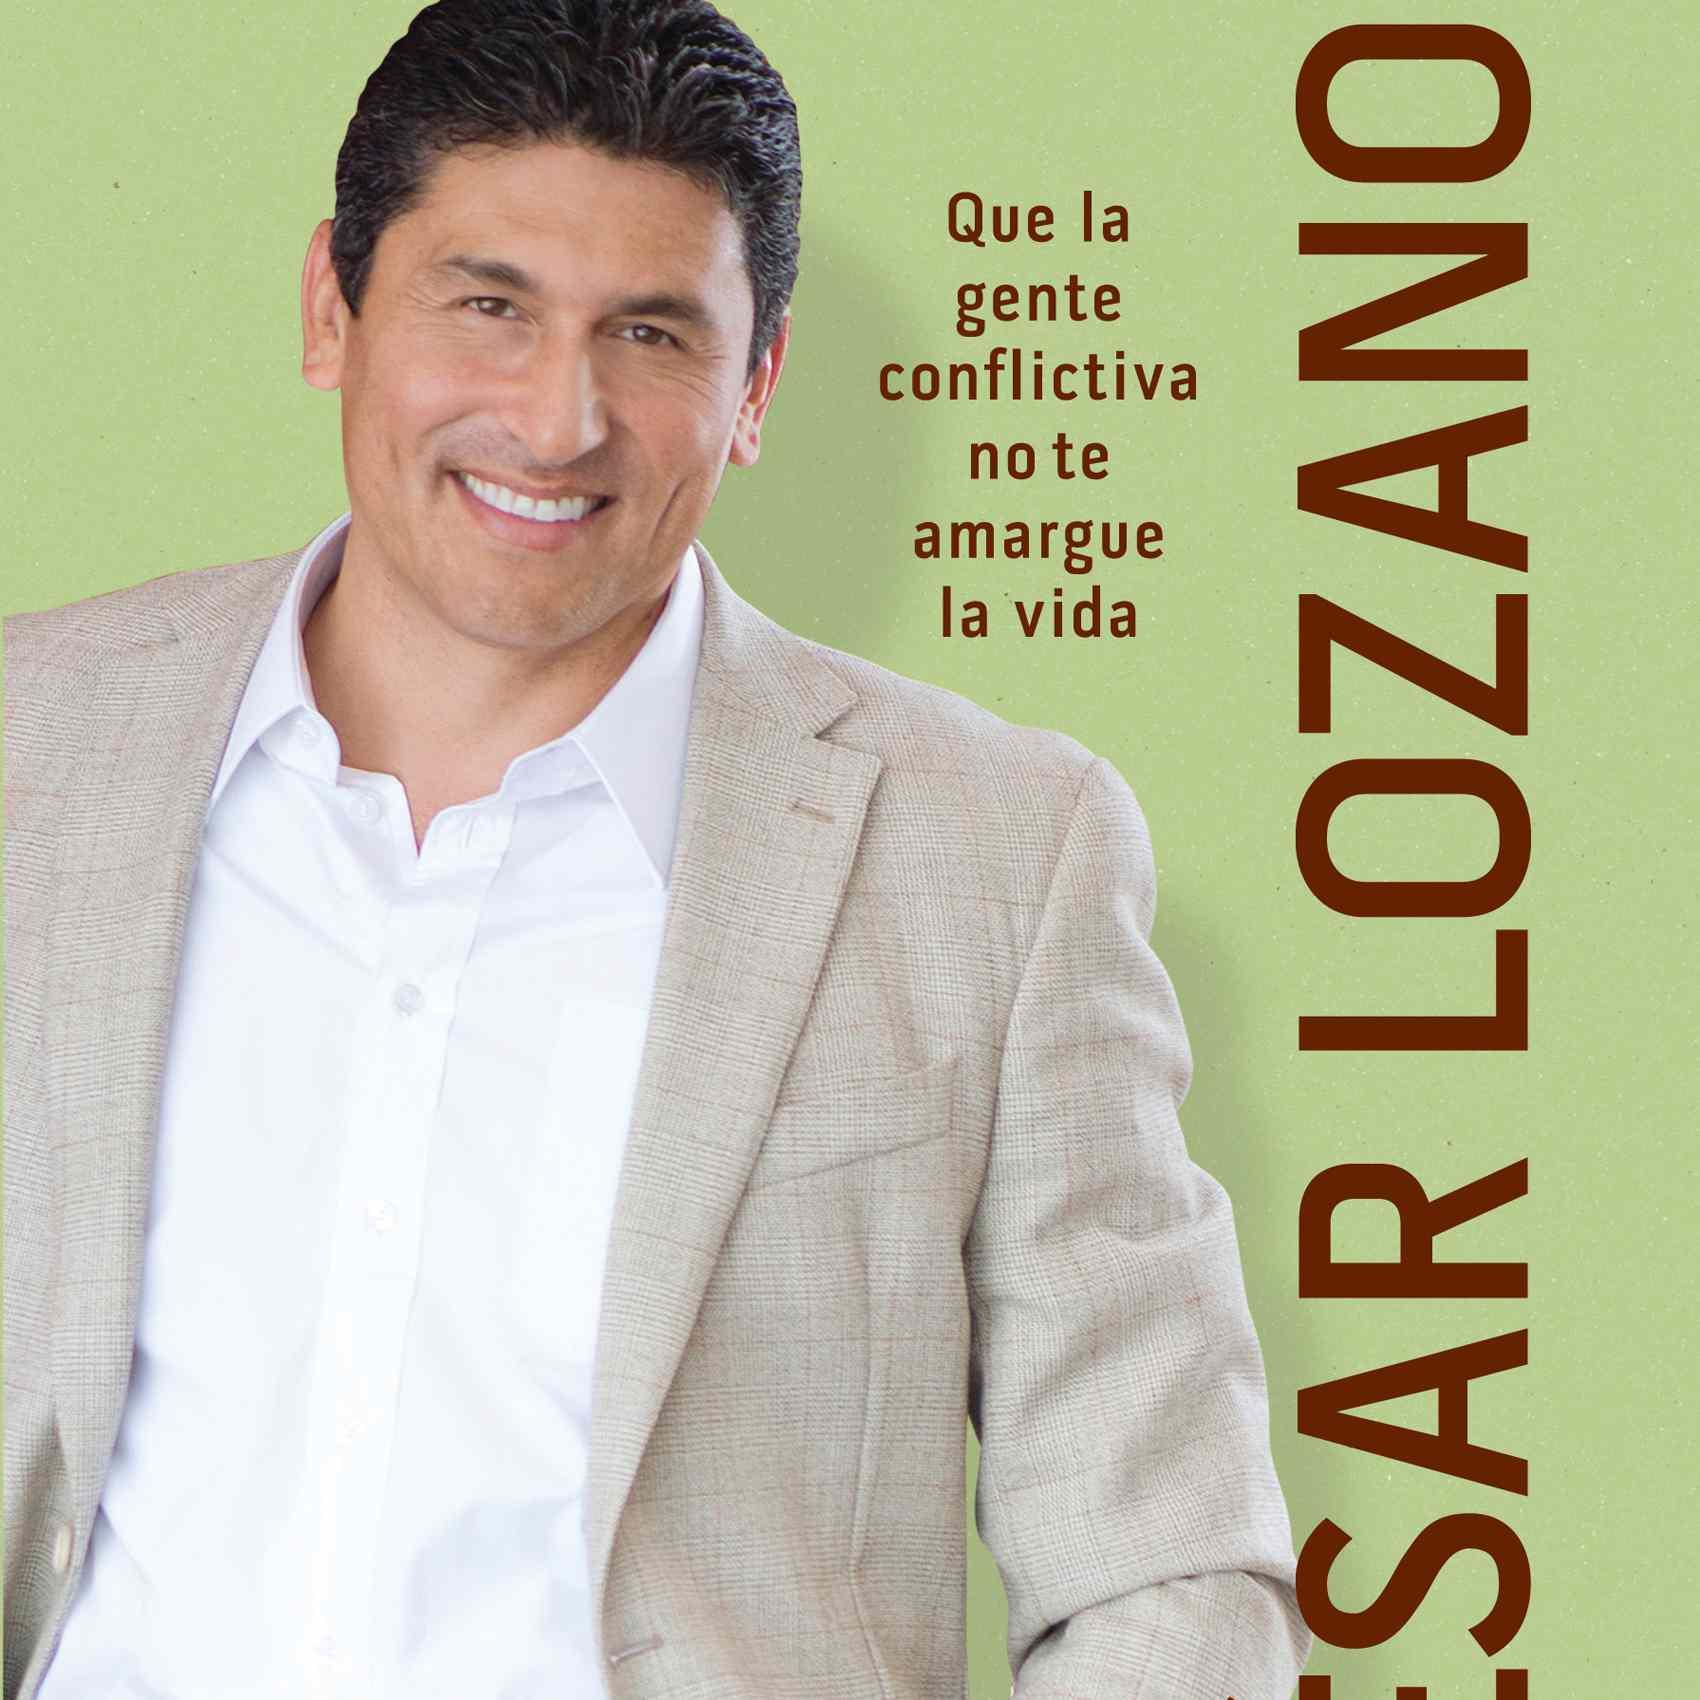 El lado facil de la gente dificil de Cesar Lozano motivacion